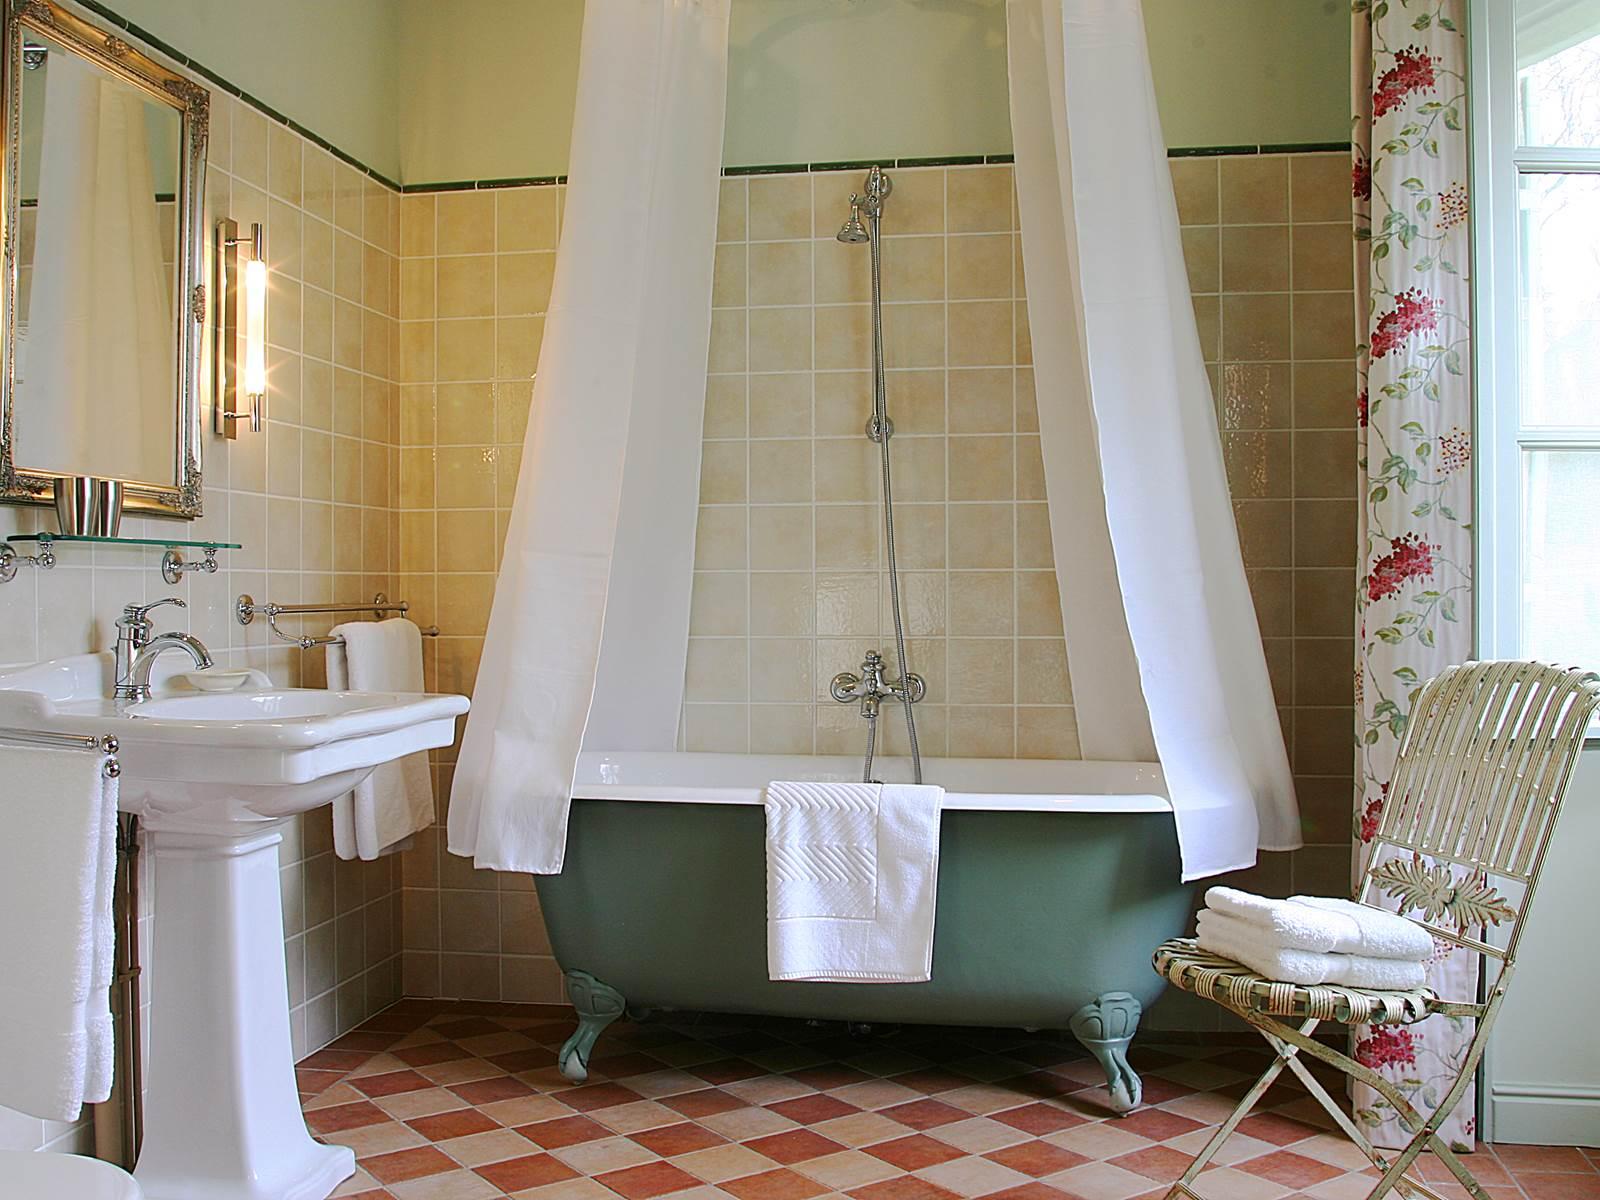 Spacieuse et lumineuse salle de bain rétro Chez Colette et Mimi